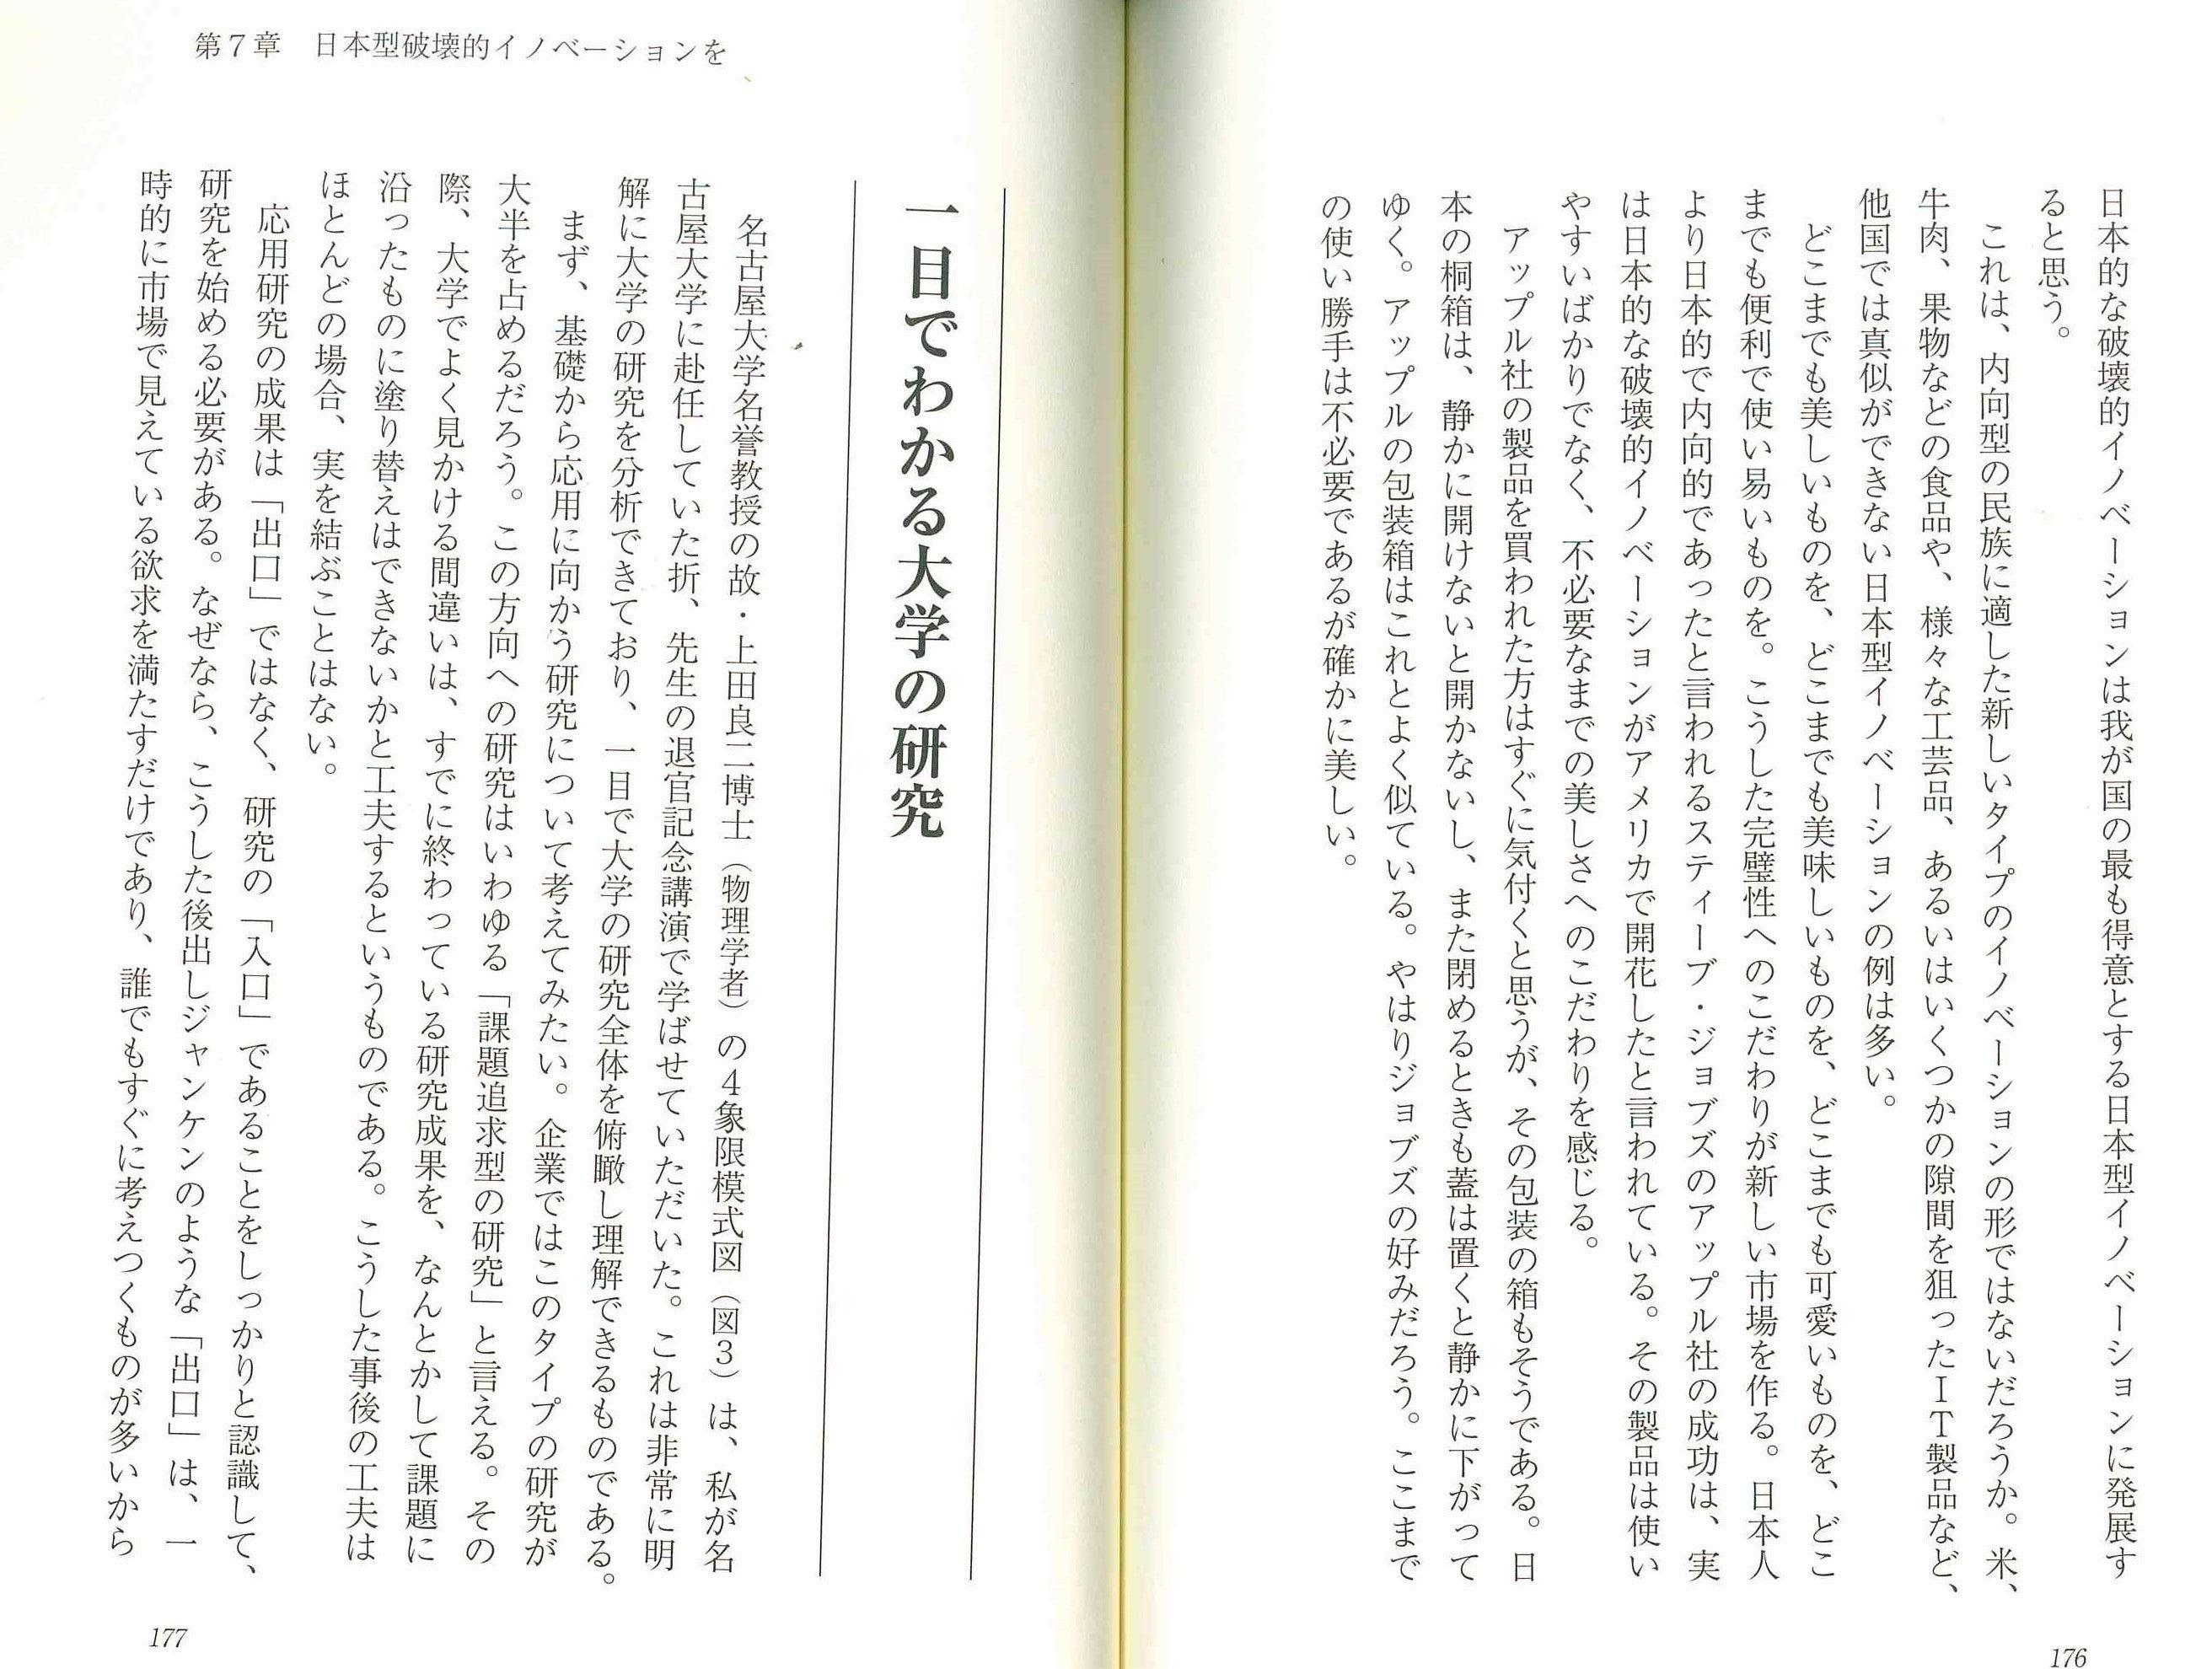 で 的 日本 て いい 人 論理 は なく